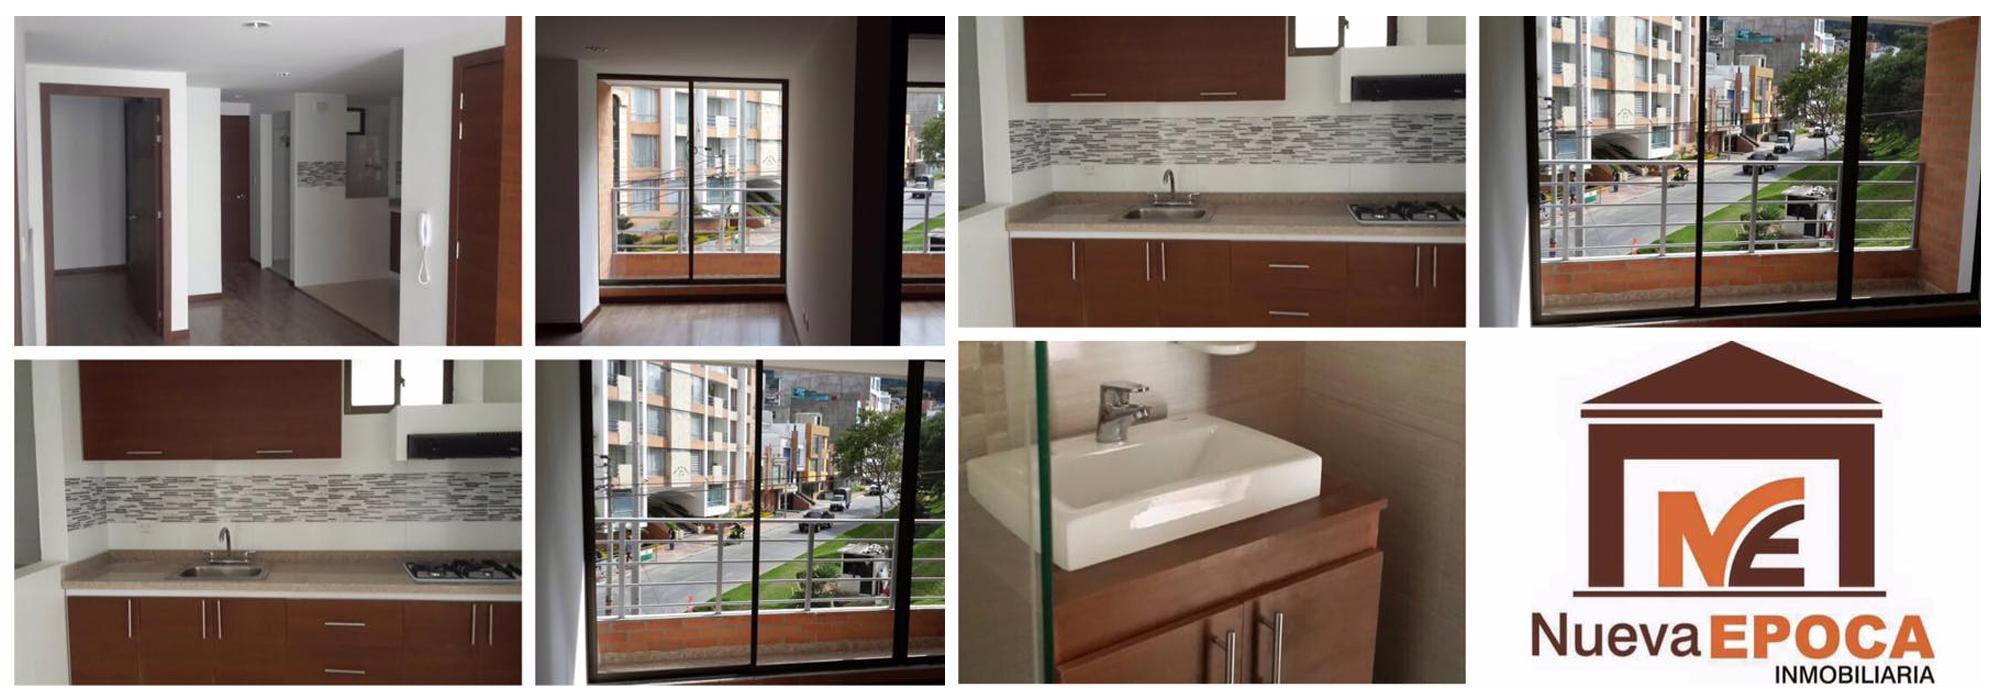 Apartamento en venta. (Área: 92 m²)